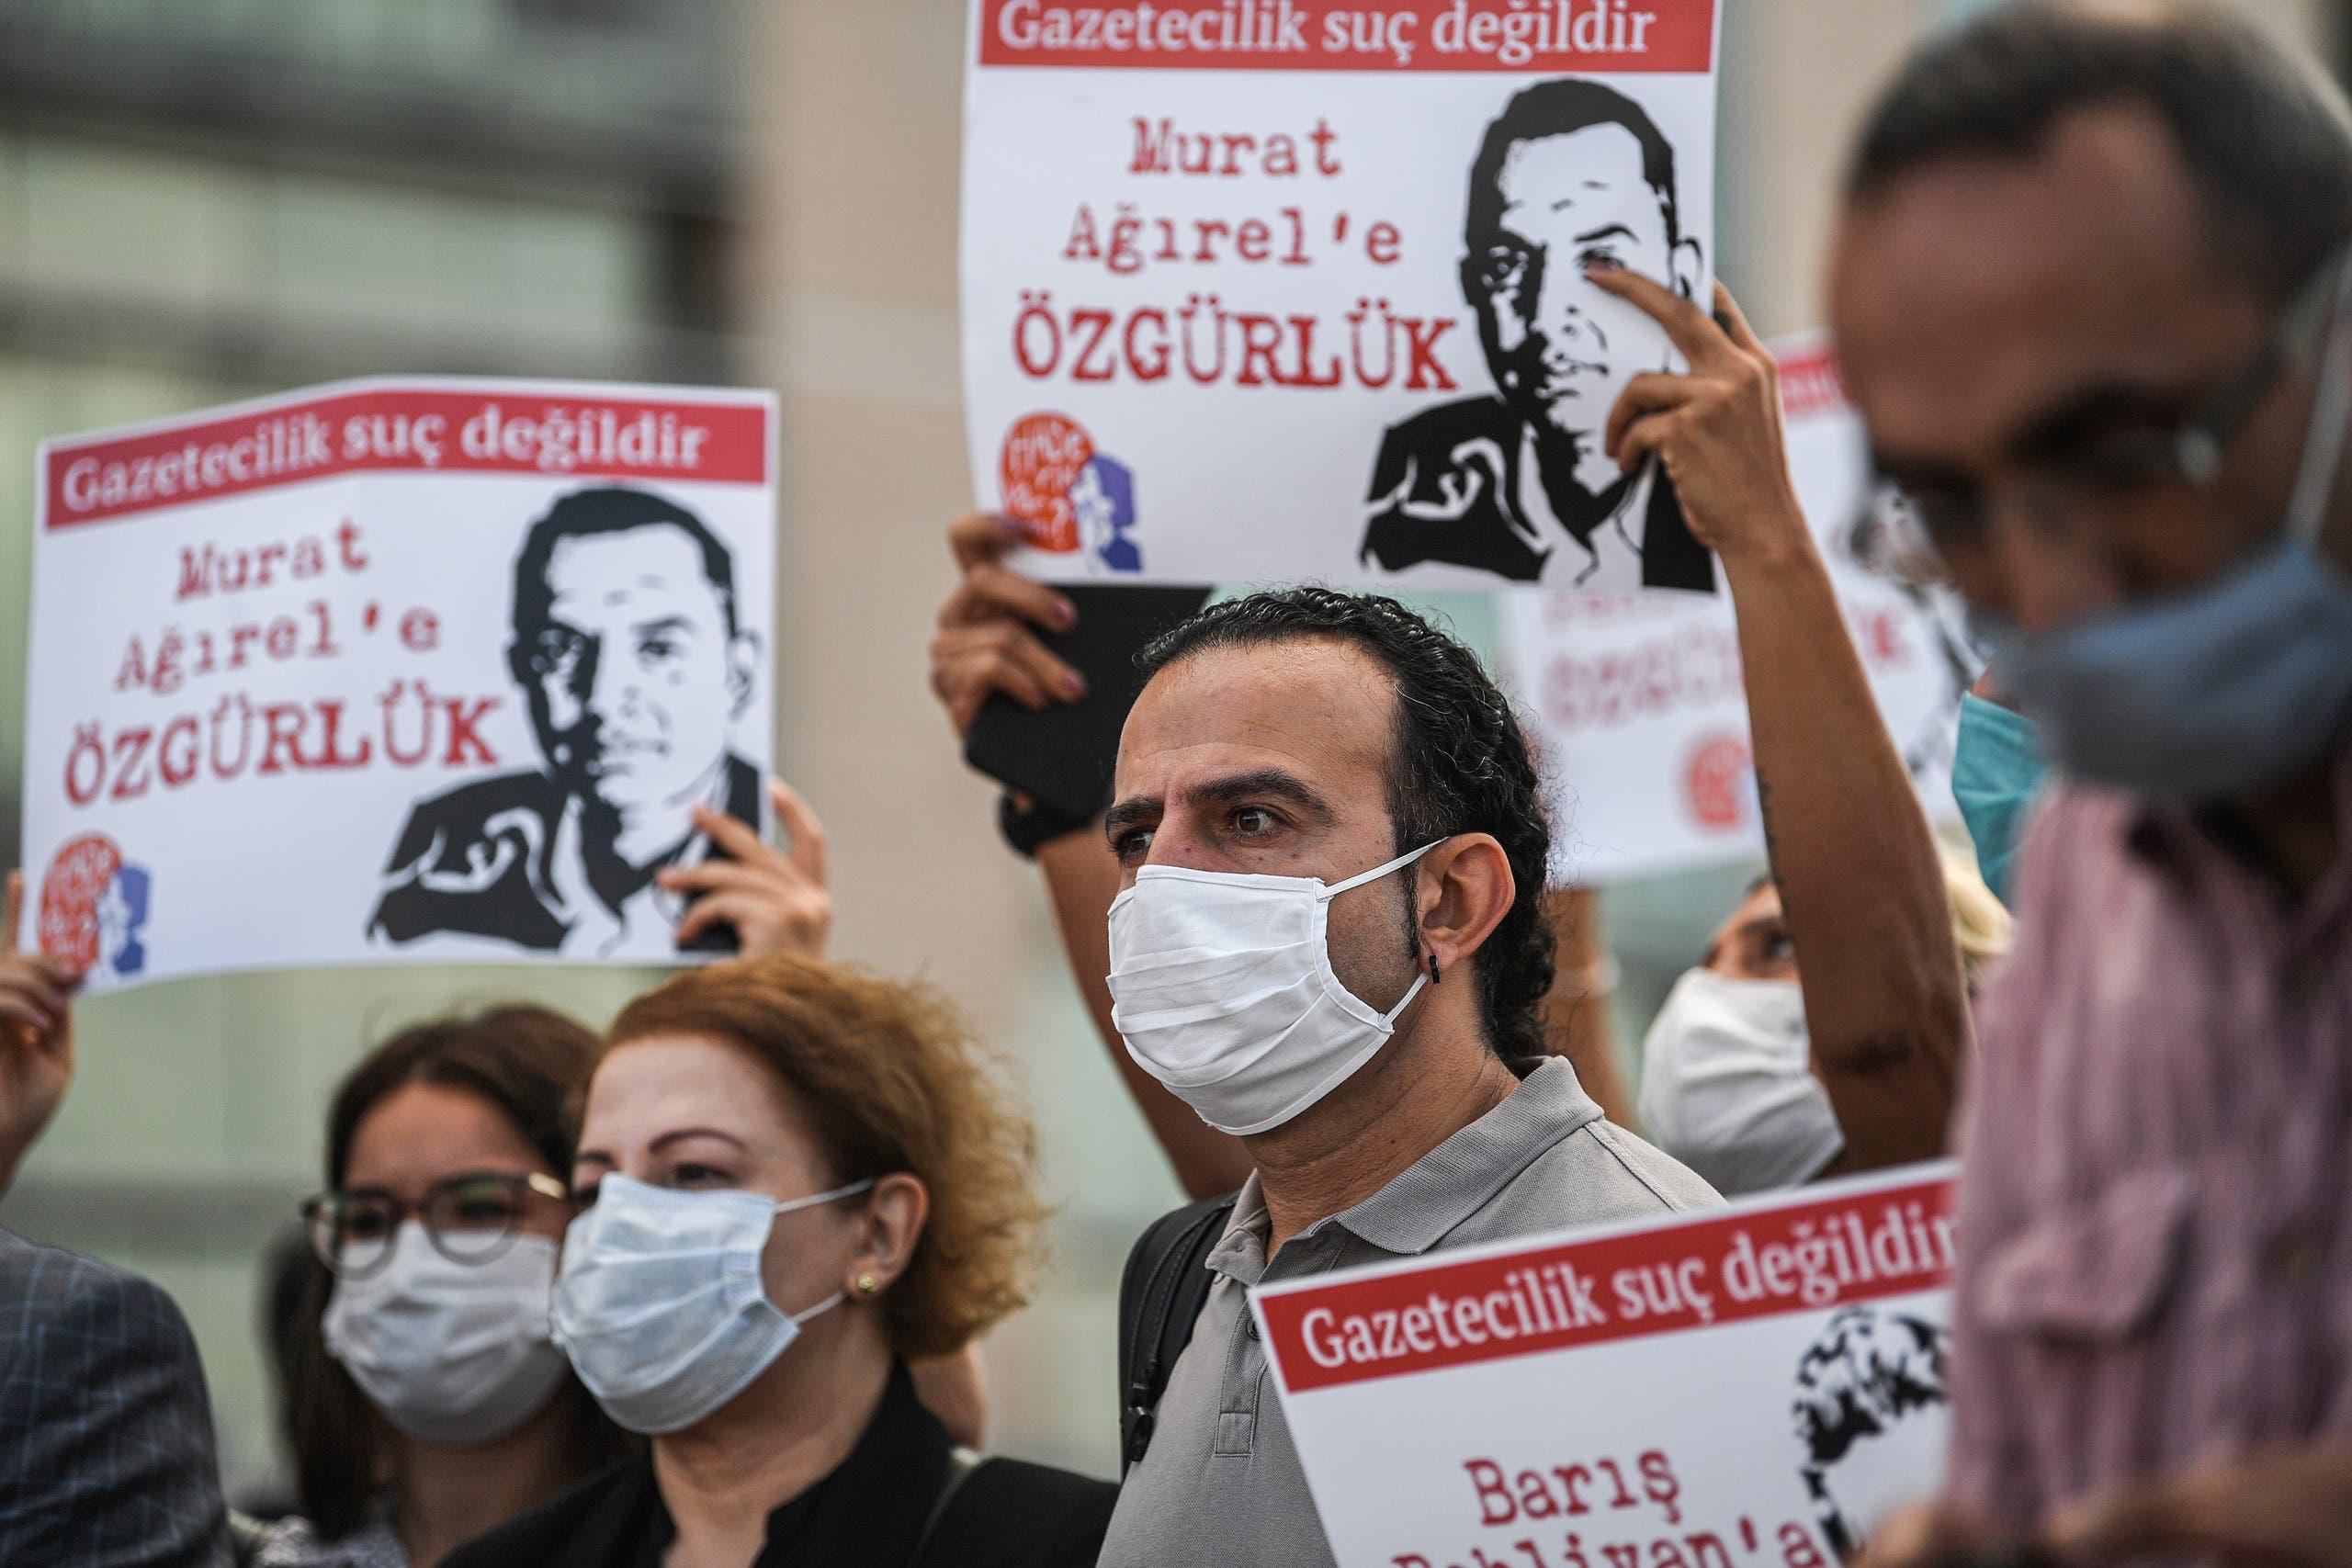 احتجاج في اسطنبول في سبتمبر 2020 على محاكمة صحفيين